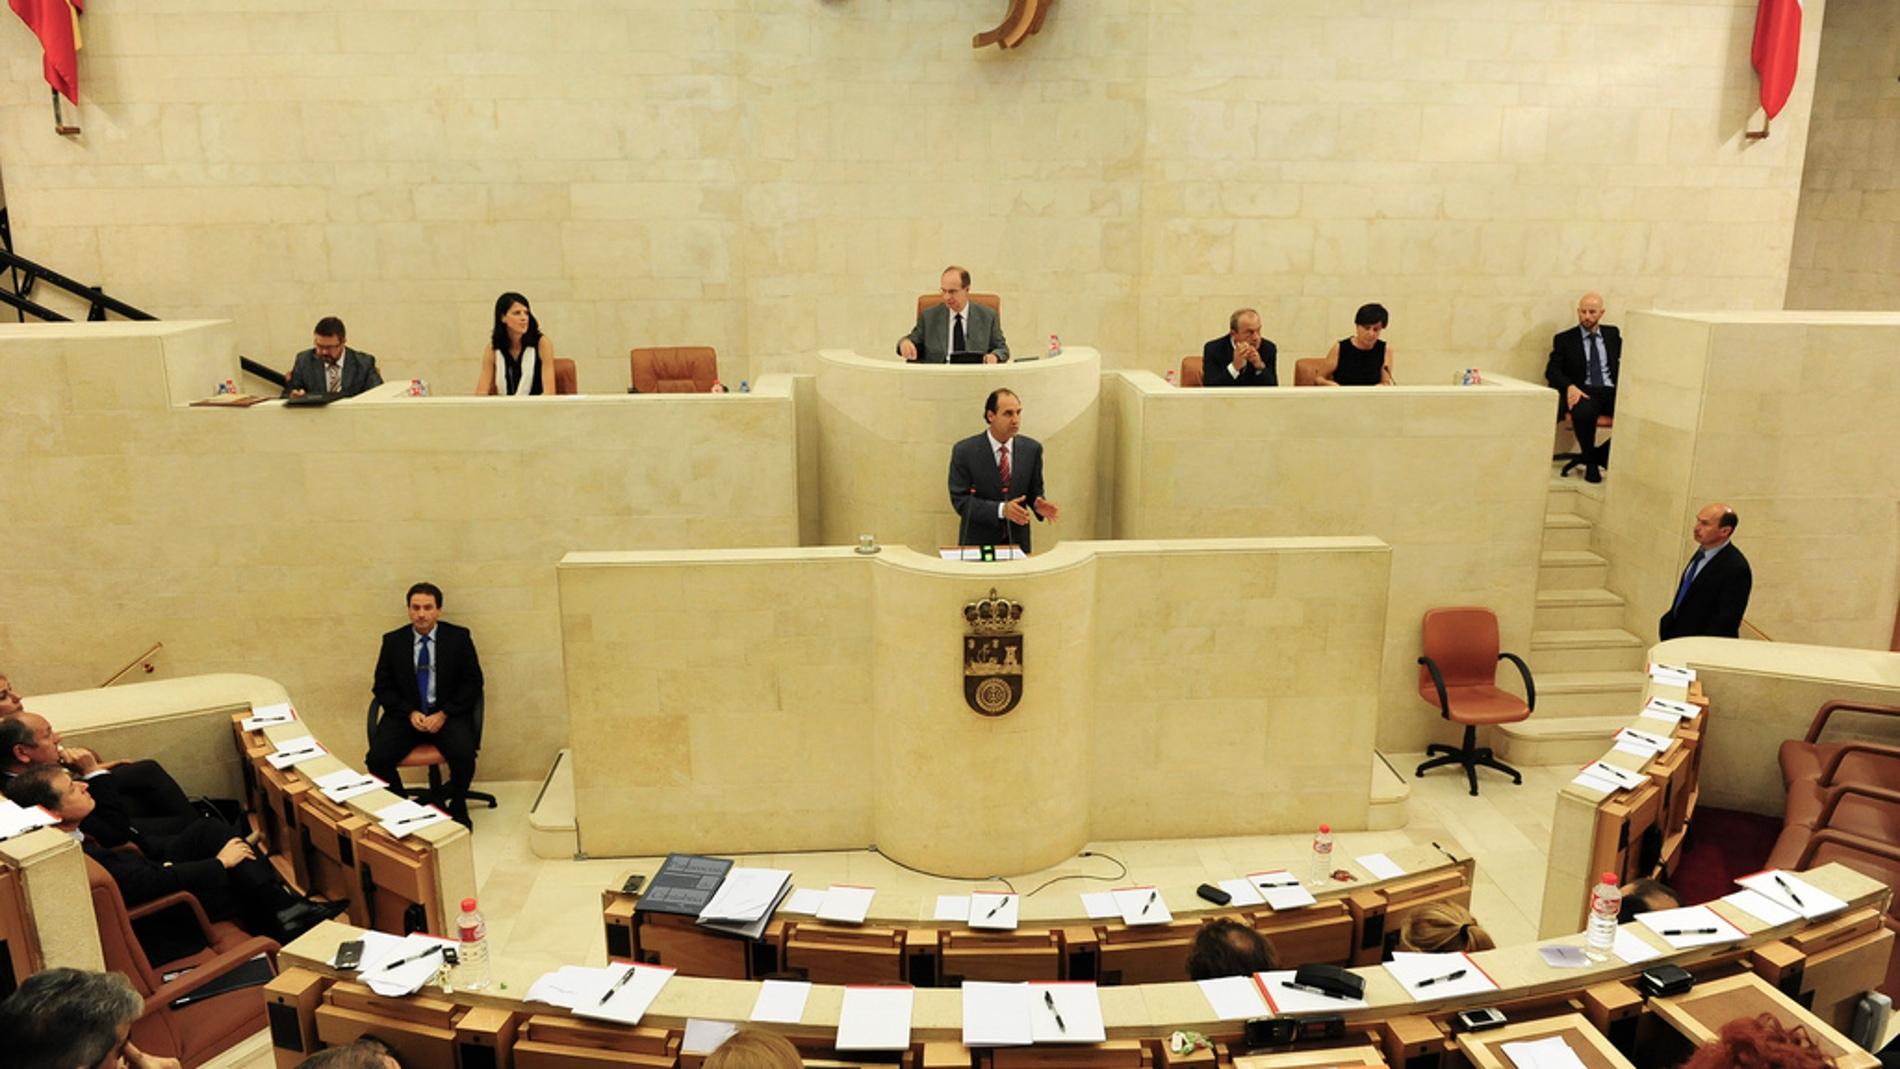 Sesión plenaria en el Parlamento de Cant